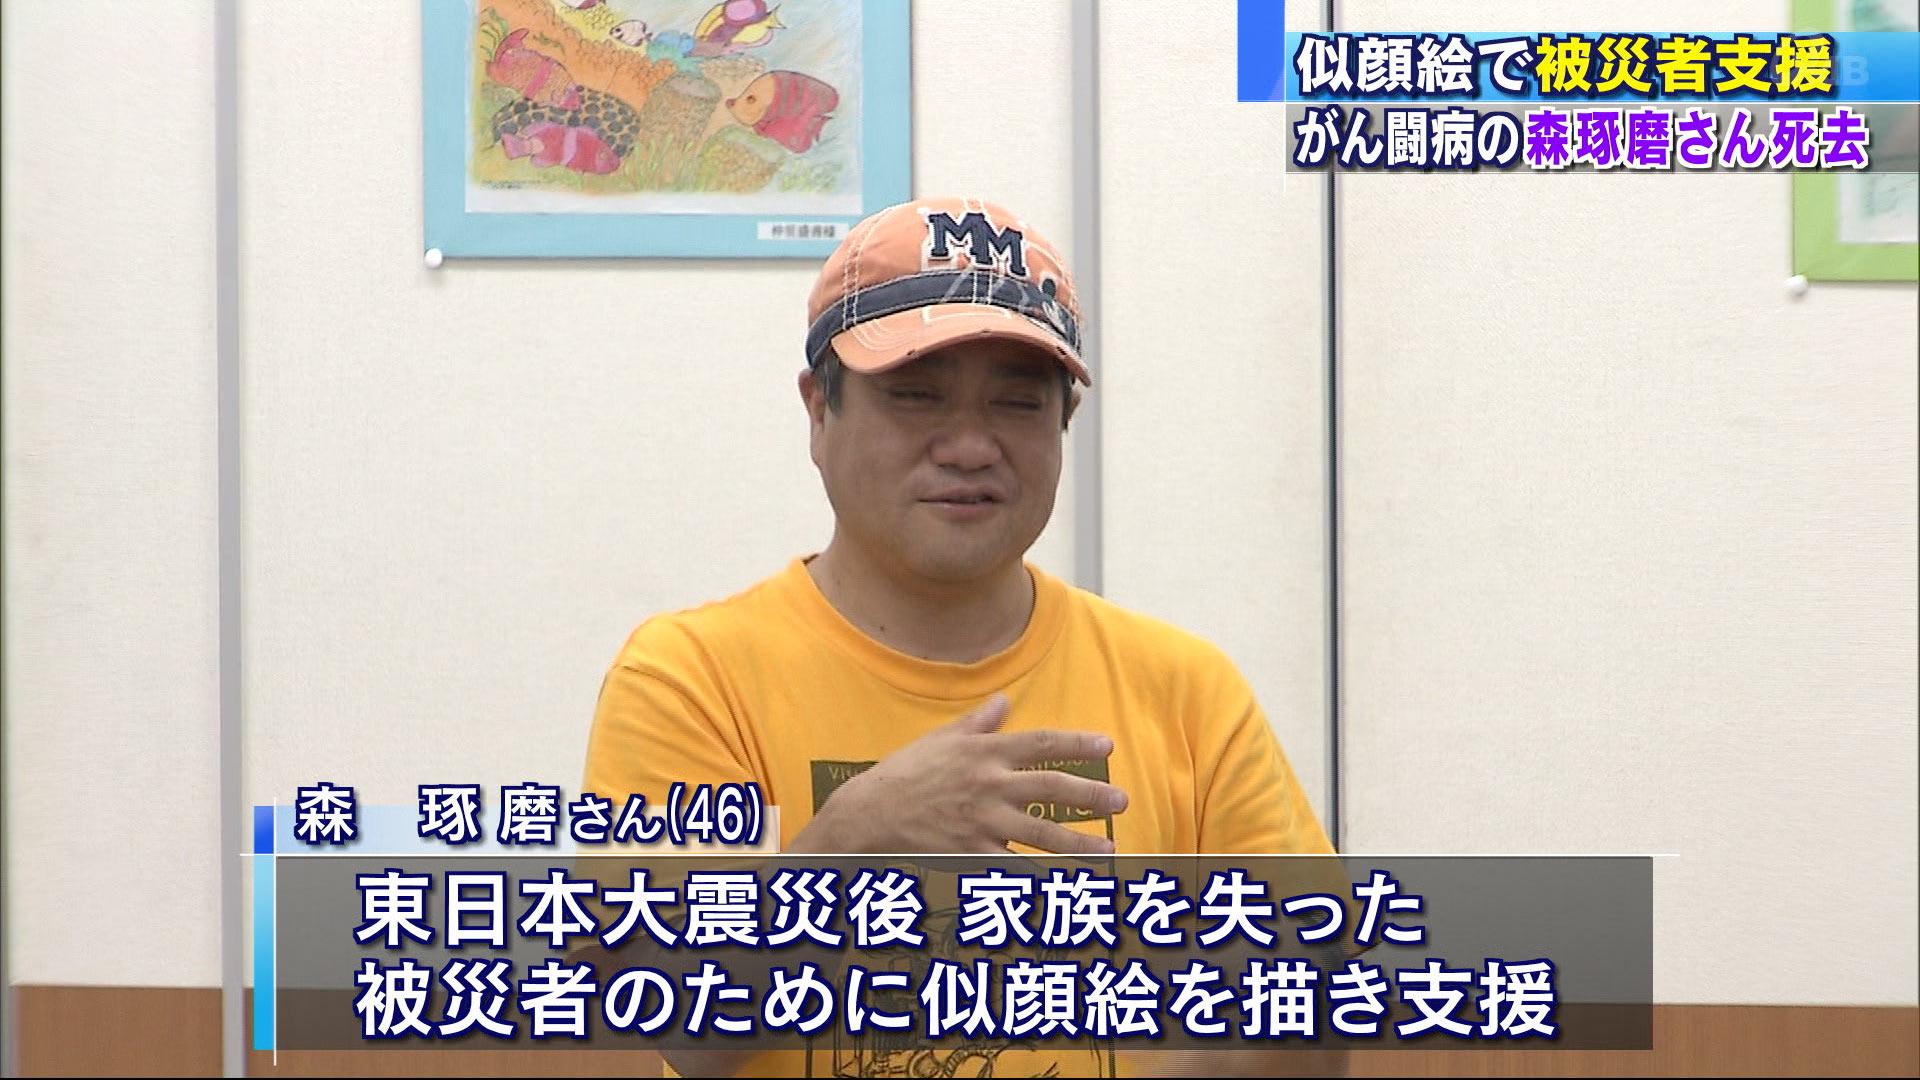 似顔絵で被災者支援の森琢磨さん死去 46歳